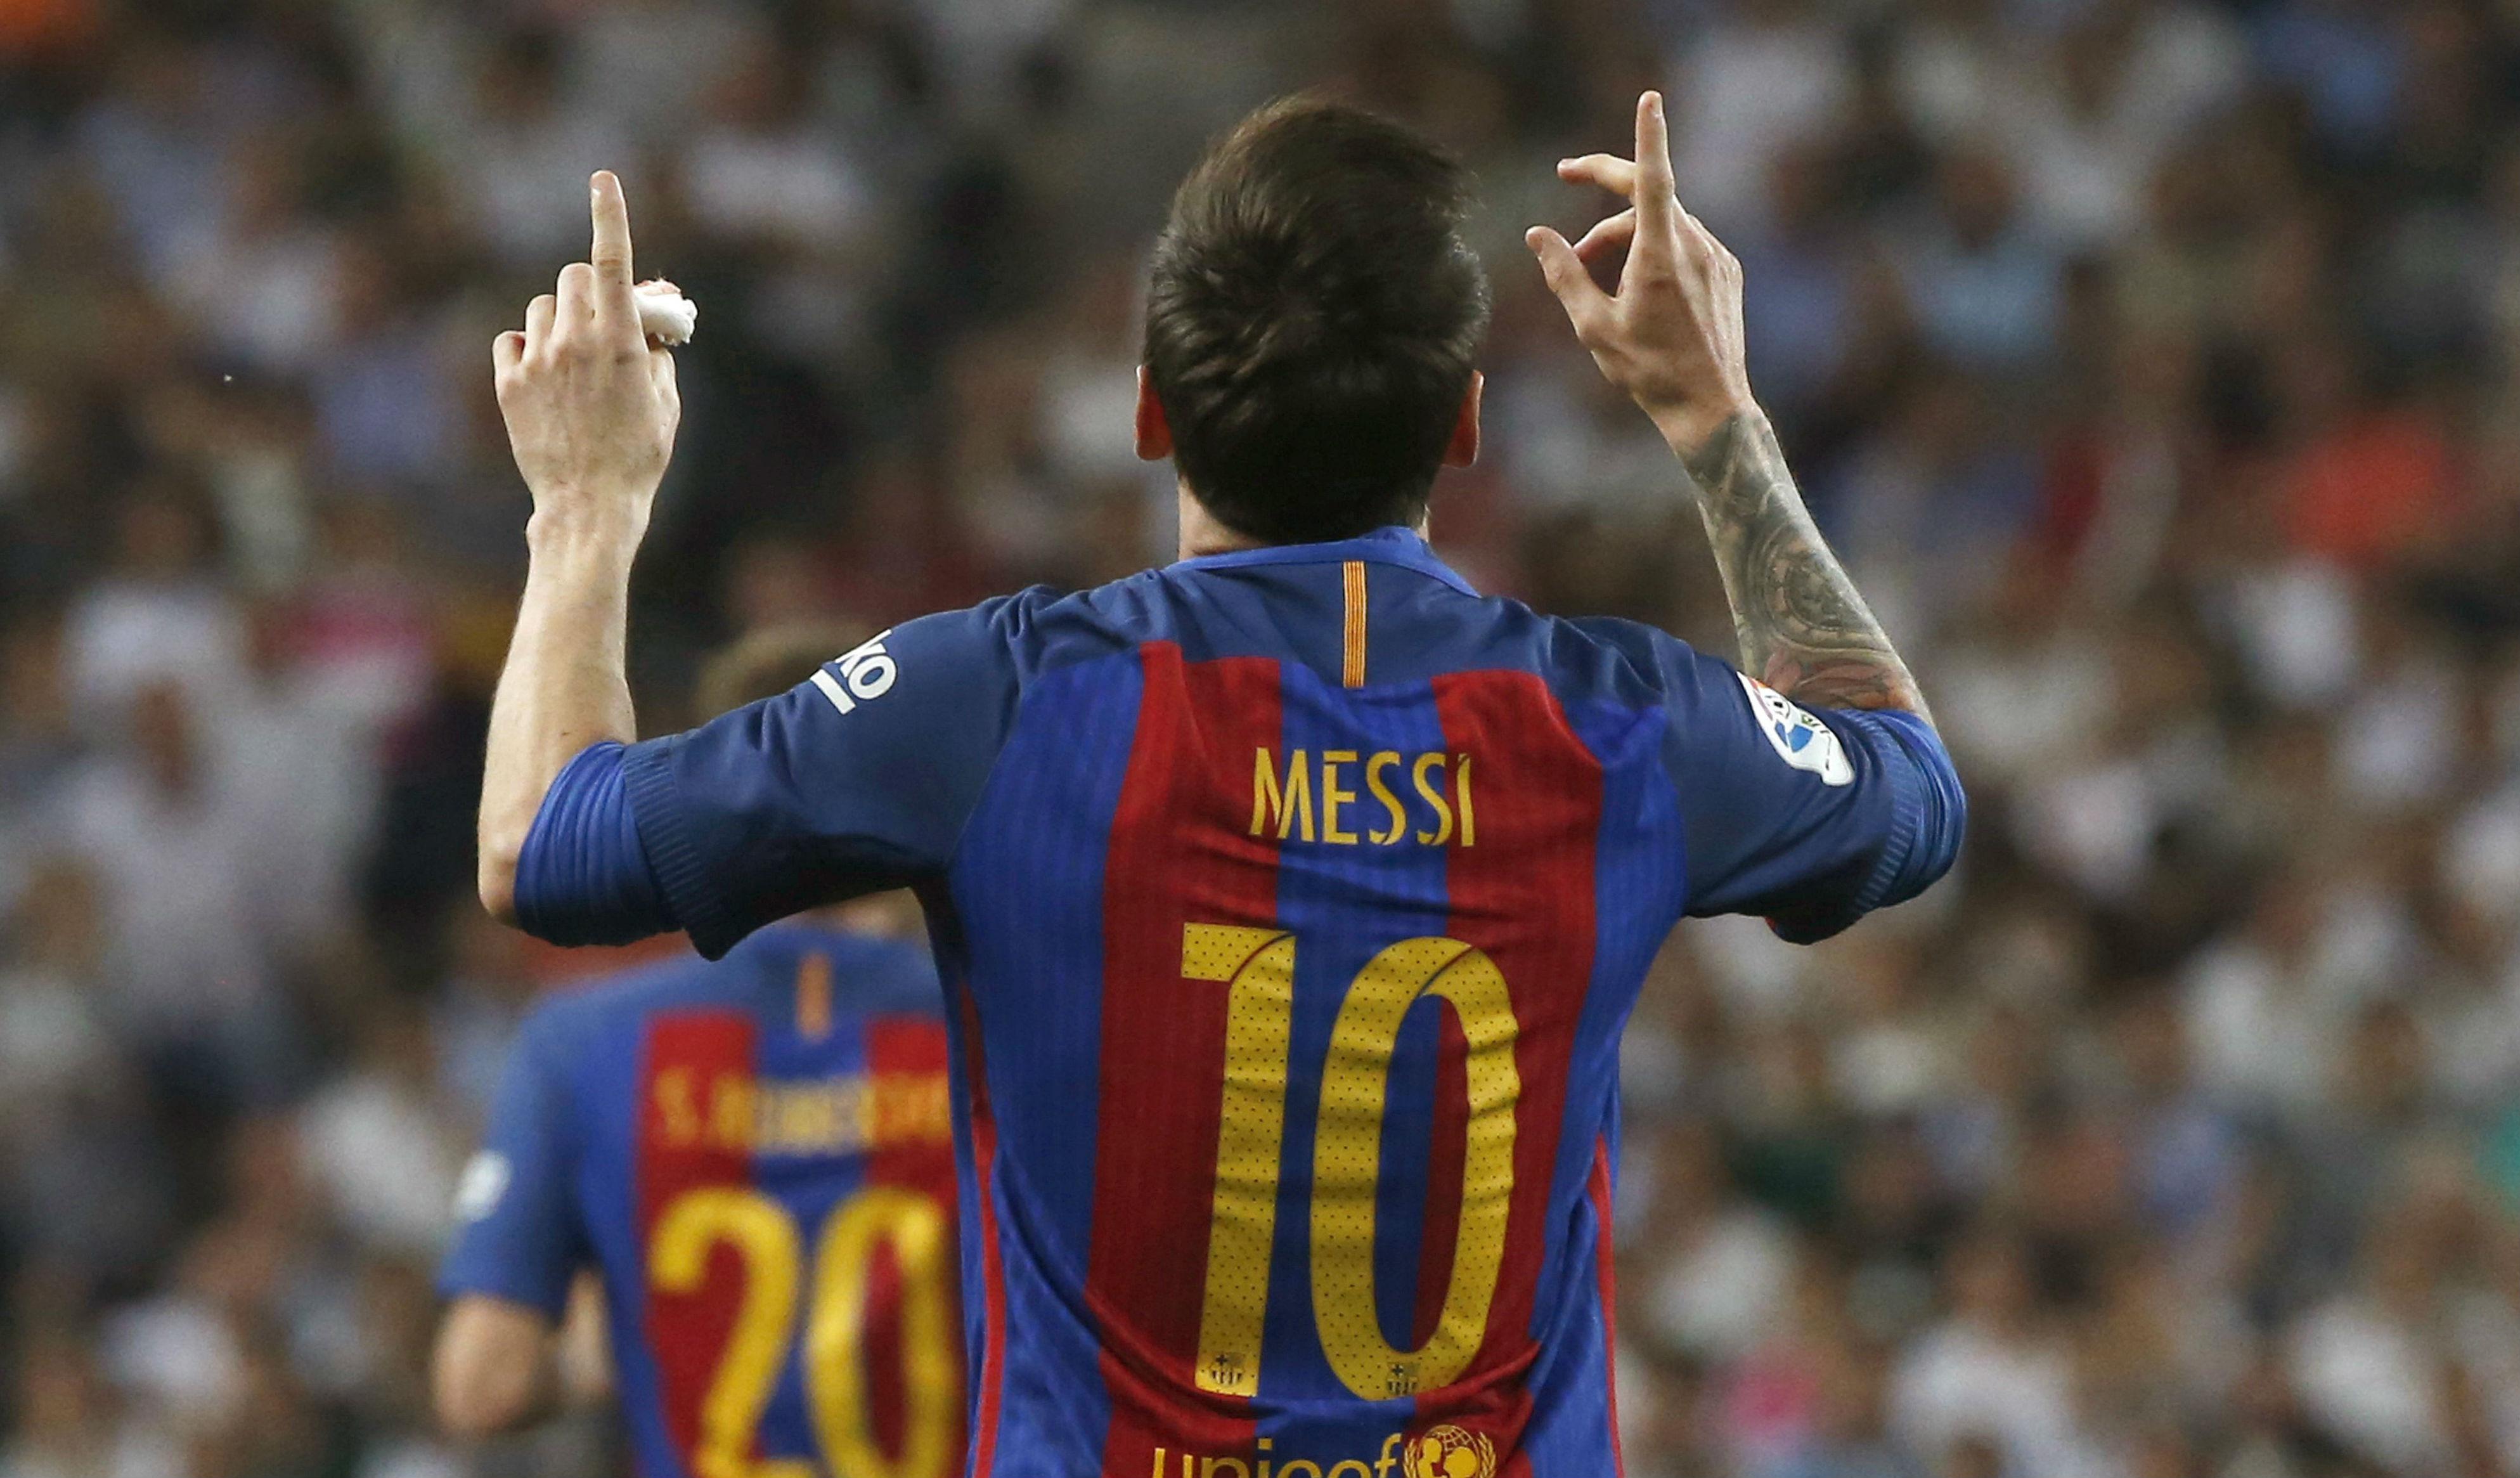 En Argentina compararon a Messi con un asesino